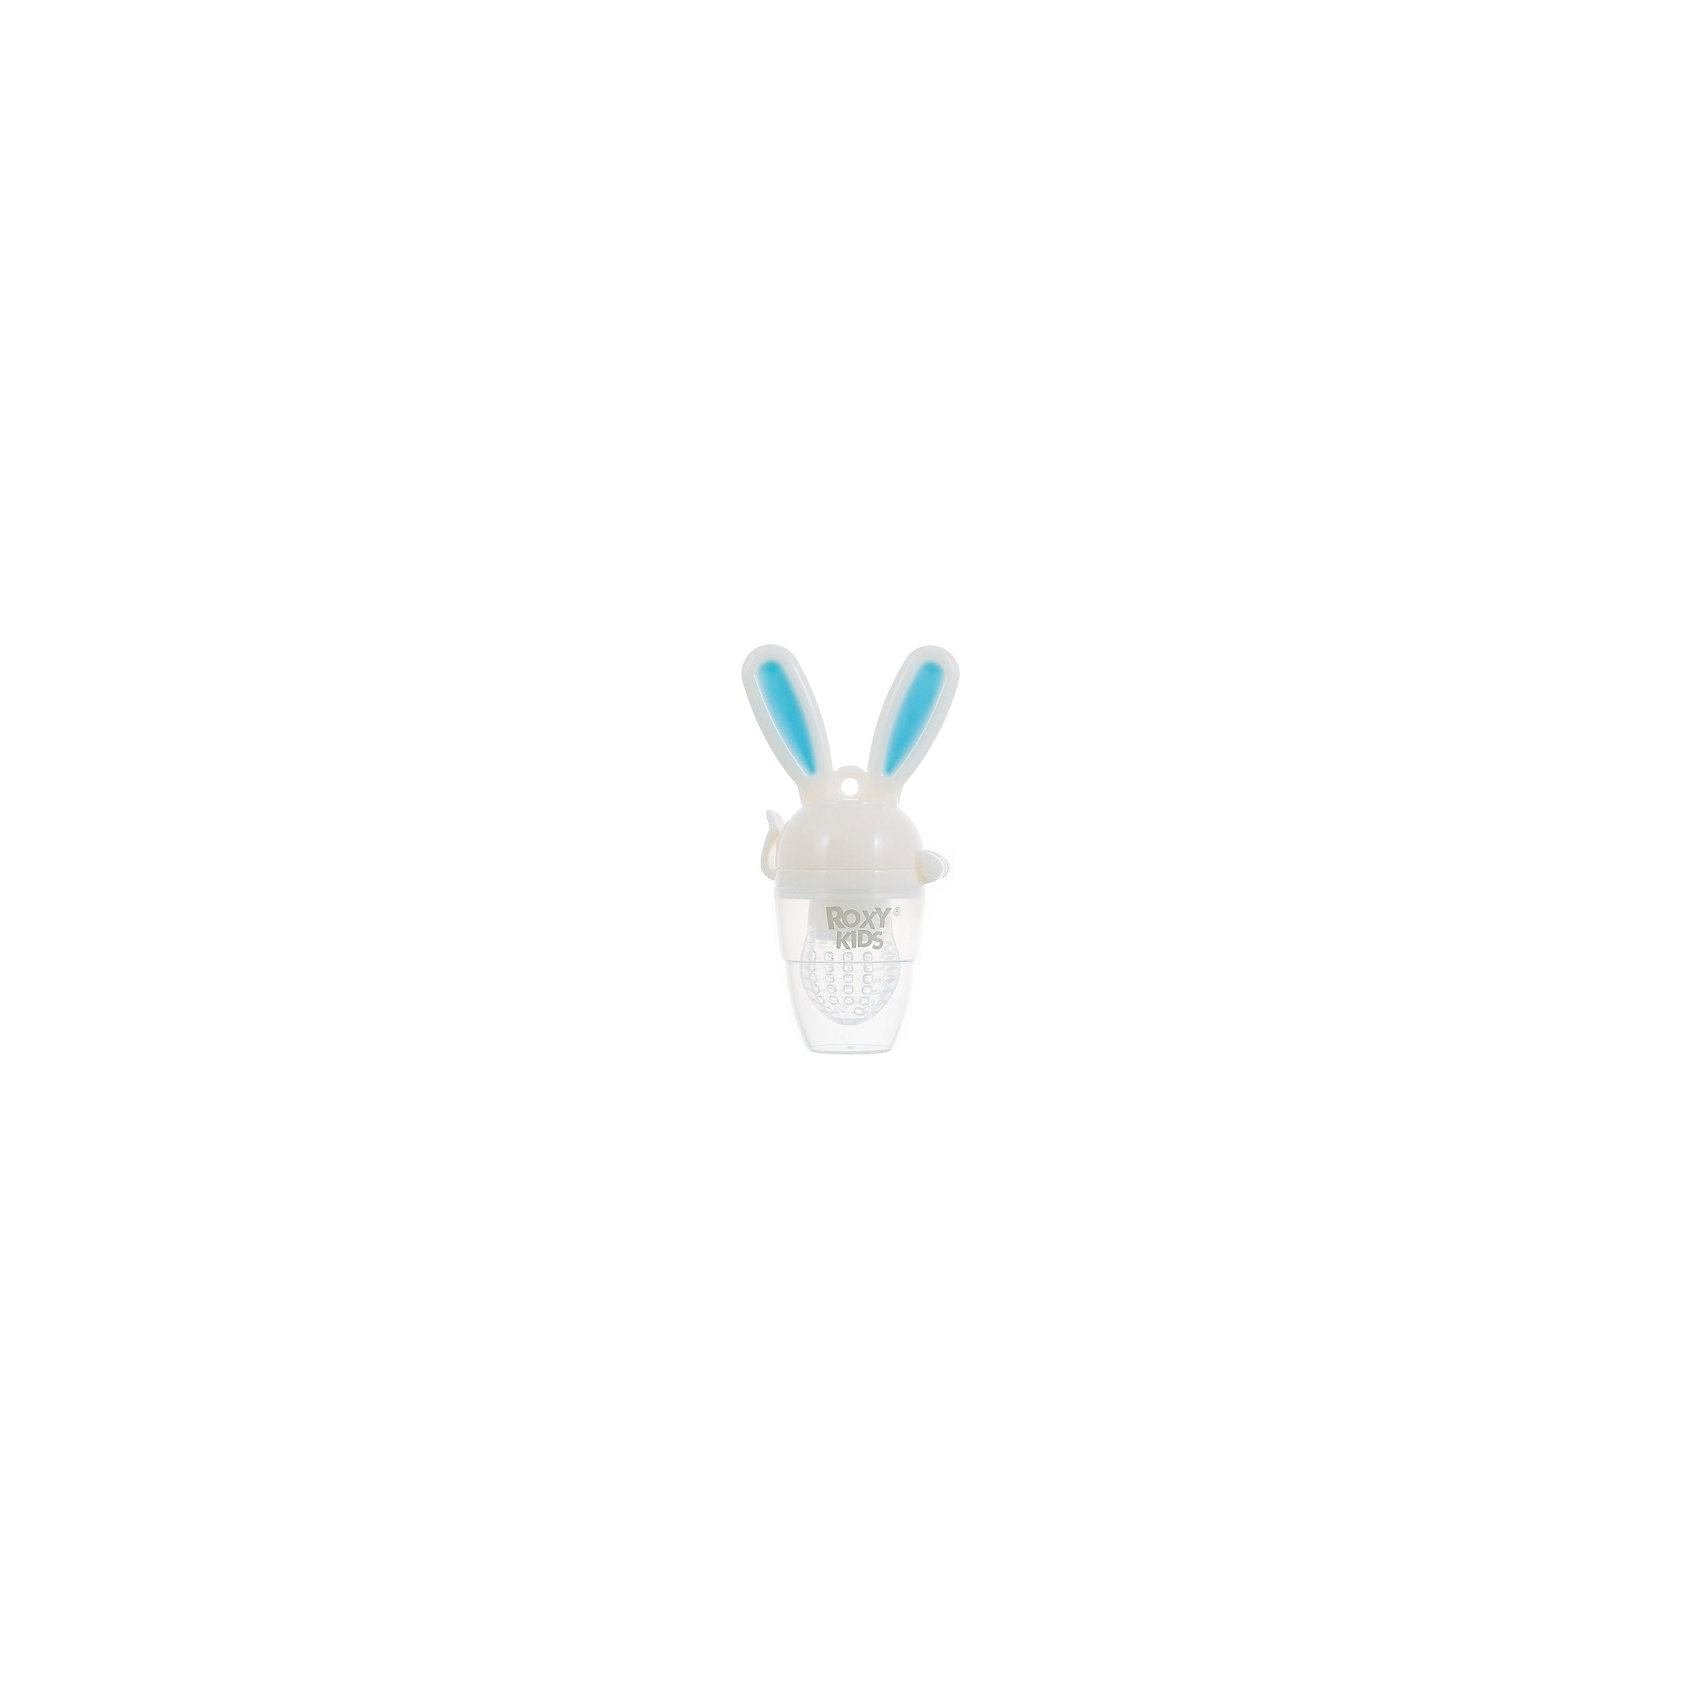 Ниблер для прикорма малышей Bunny Twist, Roxy-Kids, голубойХиты продаж<br>Характеристики:<br><br>• Предназначение: для введения прикорма<br>• Пол: для мальчика<br>• Цвет: белый,голубой<br>• Материал: полипропилен, силикон<br>• Комплектация: ручка-держатель, сетка, защитный колпачок<br>• Эргономичные ручки в виде ушек зайца<br>• Съемная силиконовая сеточка<br>• Наличие поршня для проталкивания пищи<br>• Вес: 150 г<br>• Размеры (Д*Ш*В): 21*13*7 см<br>• Особенности ухода: разрешается стерилизация<br><br>Ниблер для прикорма малышей Bunny Twist, Roxy-Kids, голубой предназначен для введения первого прикорма малыша. Его конструкция продумана до мелочей: удобные эргономичные ручки в виде ушек зайца, силиконовая сеточка и колпачок, который защищает сеточку от загрязнений. В конструкции предусмотрен поршень, который позволяет проталкивать пищу. Корпус ниблера и колпачок изготовлены из безопасных материалов: полипропилена, который не имеет запаха и обладает прочностью к появлению сколов и царапин. Сеточка изготовлена из мягкого силикона, который не искажает вкус и запах пищи. Сеточка обладает повышенной прочностью и гигиеническими качествами. Она легко отмывается от остатков пищи.<br><br>Ниблер для прикорма малышей Bunny Twist, Roxy-Kids, голубой можно купить в нашем интернет-магазине.<br><br>Ширина мм: 210<br>Глубина мм: 130<br>Высота мм: 70<br>Вес г: 150<br>Возраст от месяцев: 4<br>Возраст до месяцев: 18<br>Пол: Мужской<br>Возраст: Детский<br>SKU: 5489938